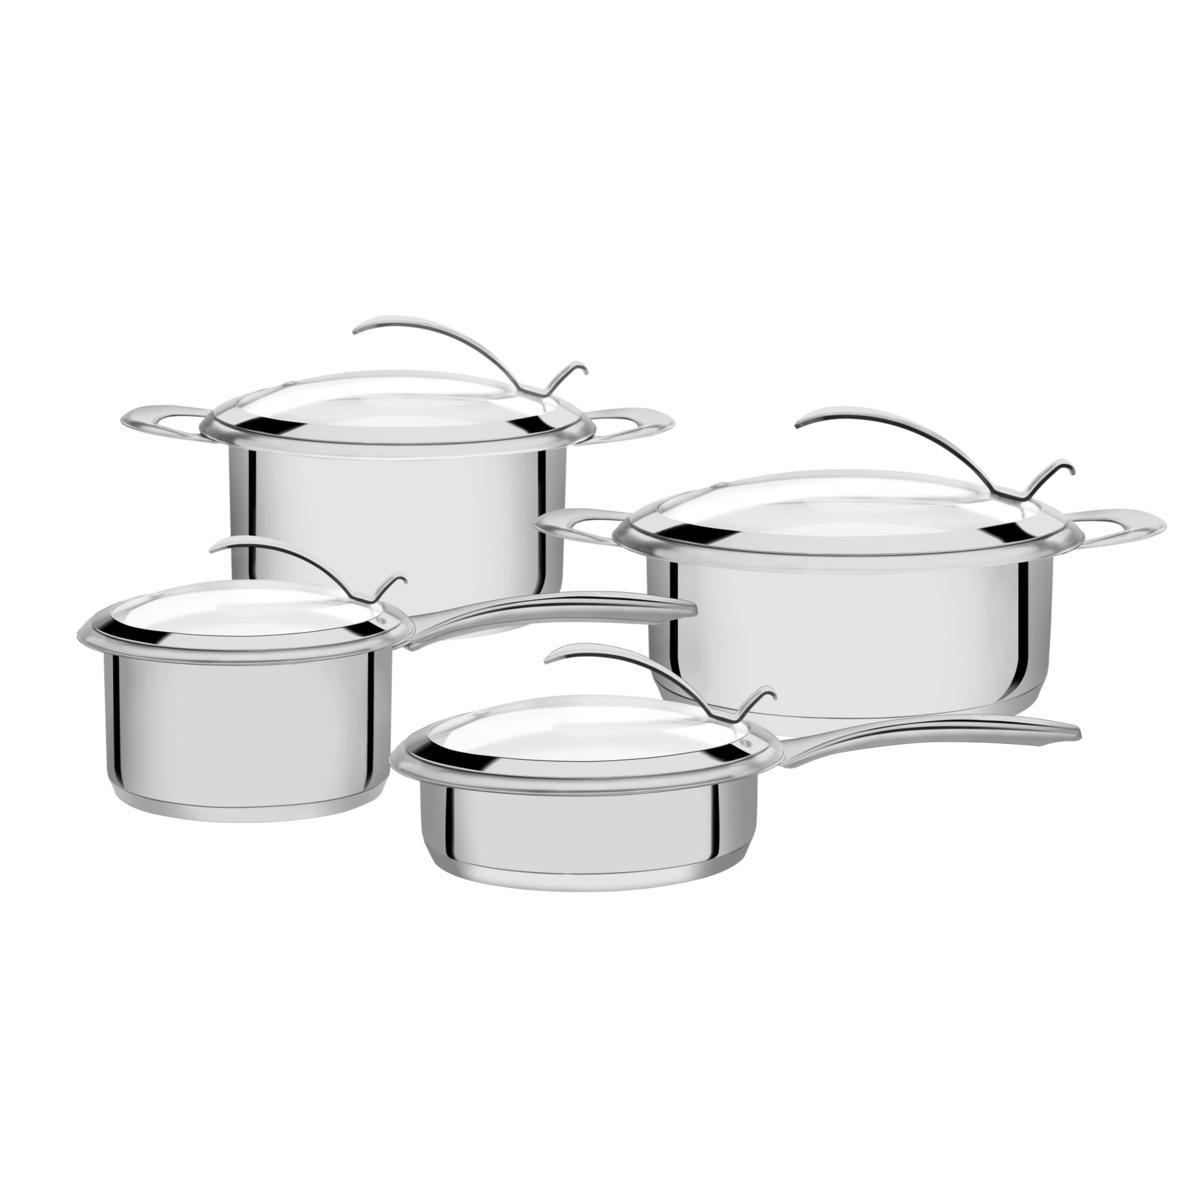 Tramontina - Batería de cocina acero inoxidable 4 pzas.